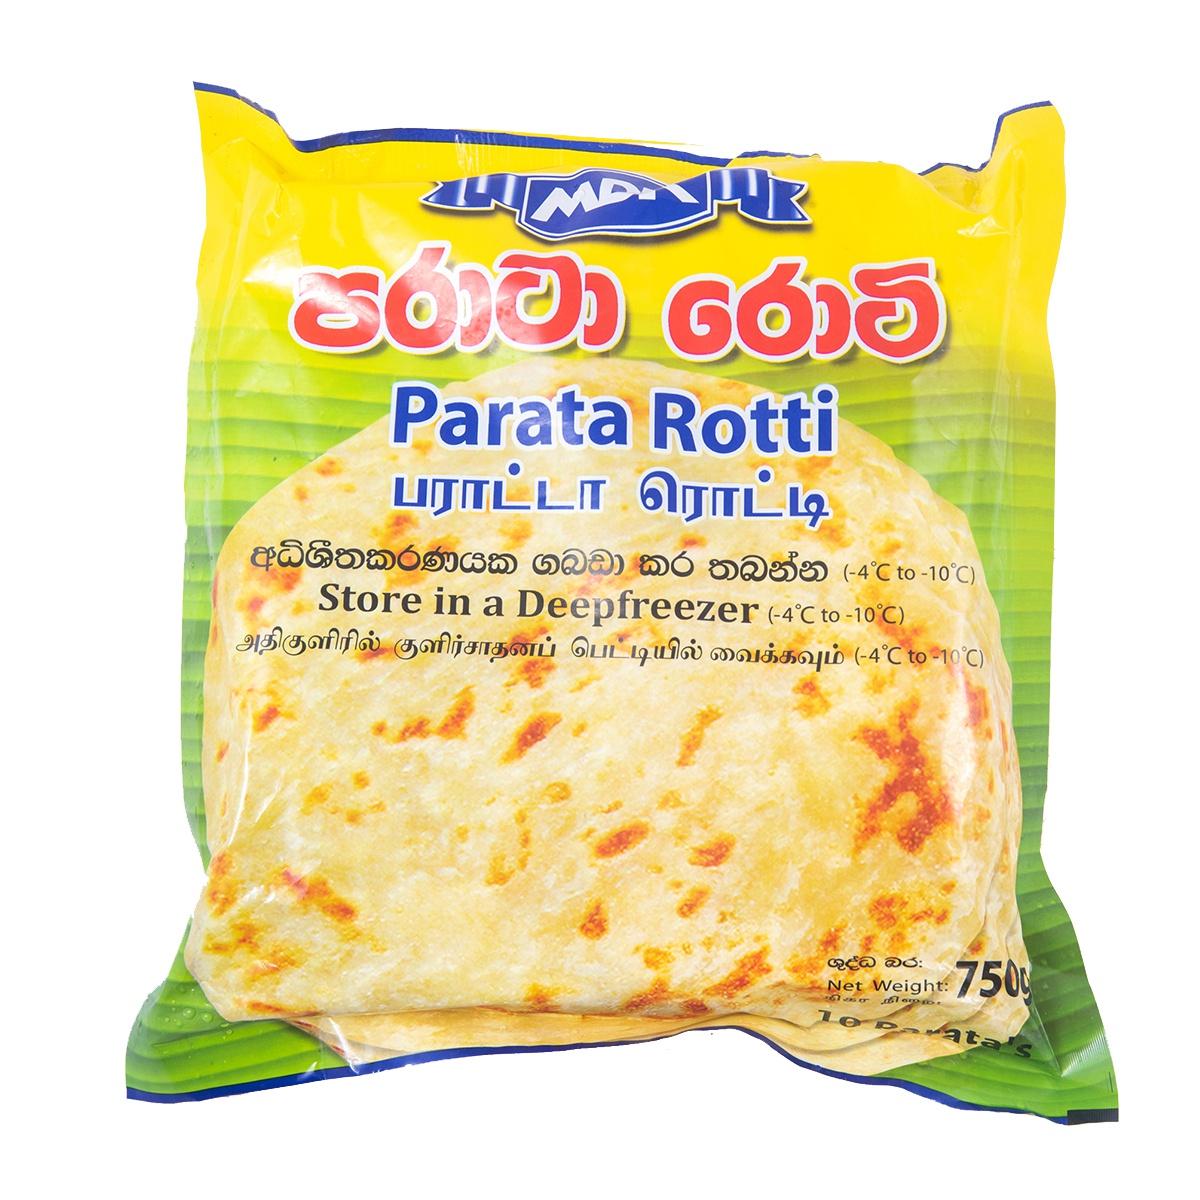 Mdk Paratha 10pcs 750g - in Sri Lanka